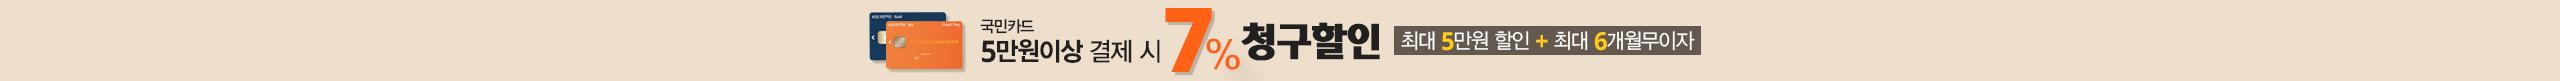 국민카드 7%청구할인_10월1차